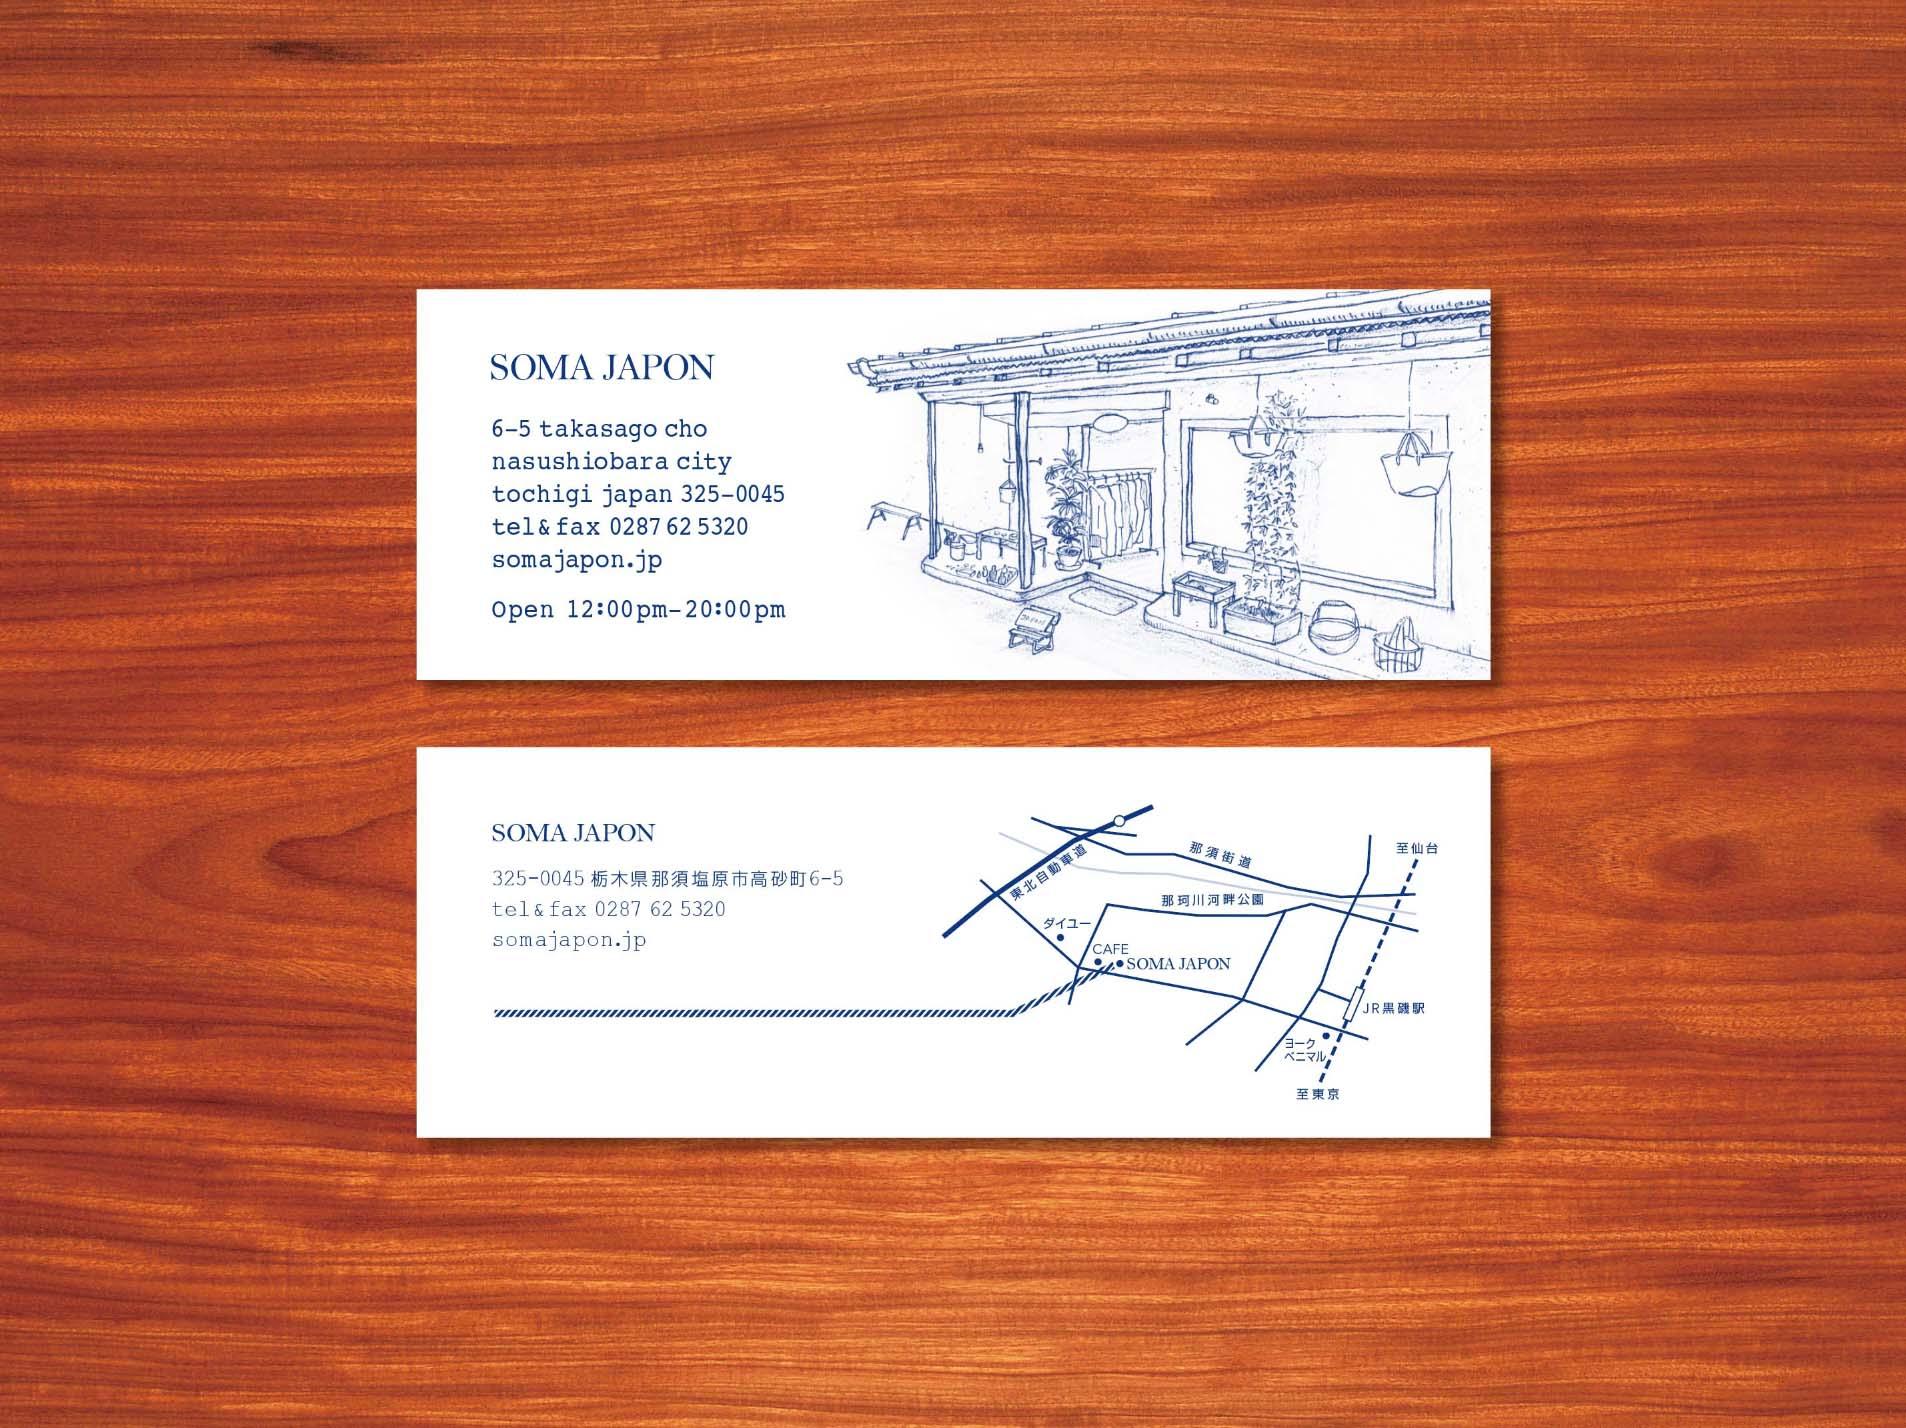 somajapon branding